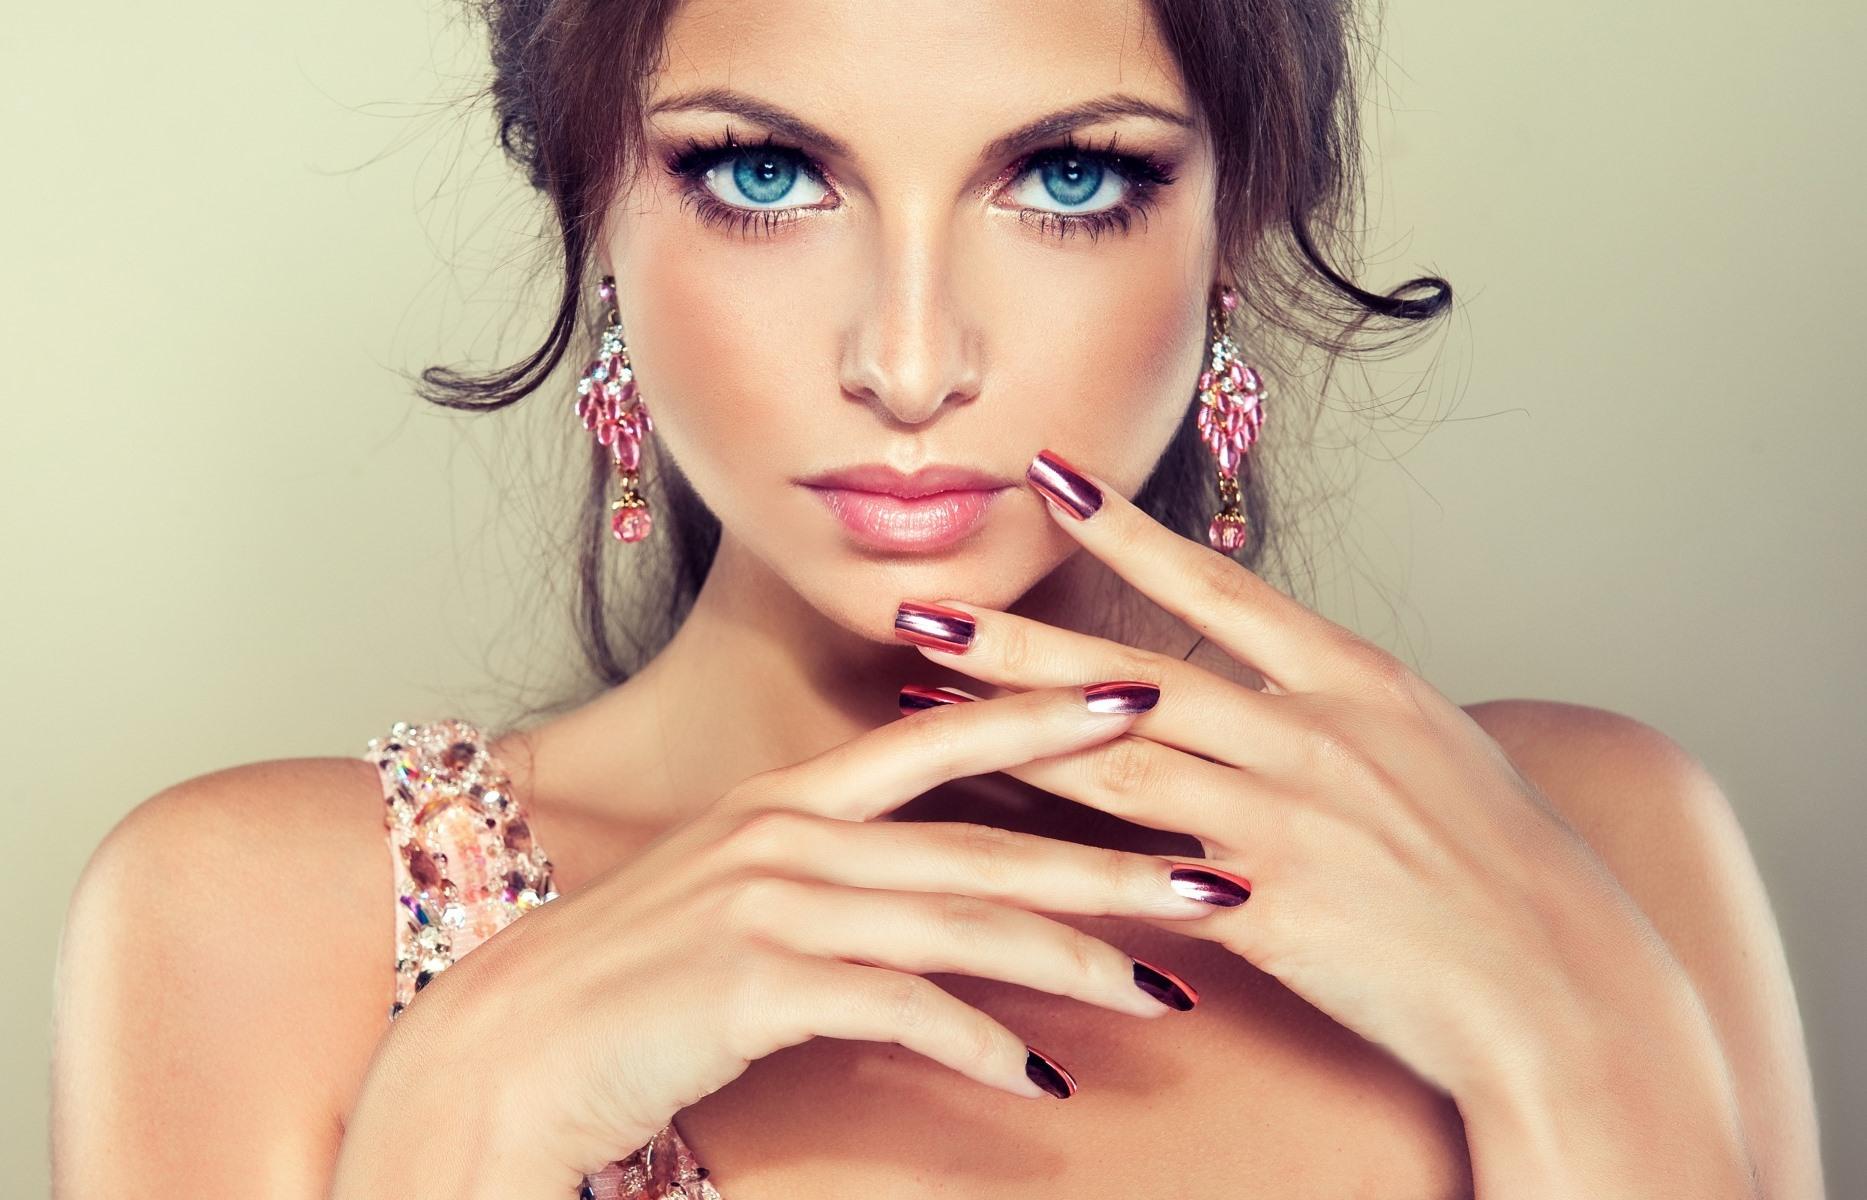 9€ από 29€ για Ημιμόνιμο Full Spa Manicure & Σχηματισμό Φρυδιών με κλωστή, στο ολοκαίνουργιο ''Le Petit Salon'' στην Αργυρούπολη